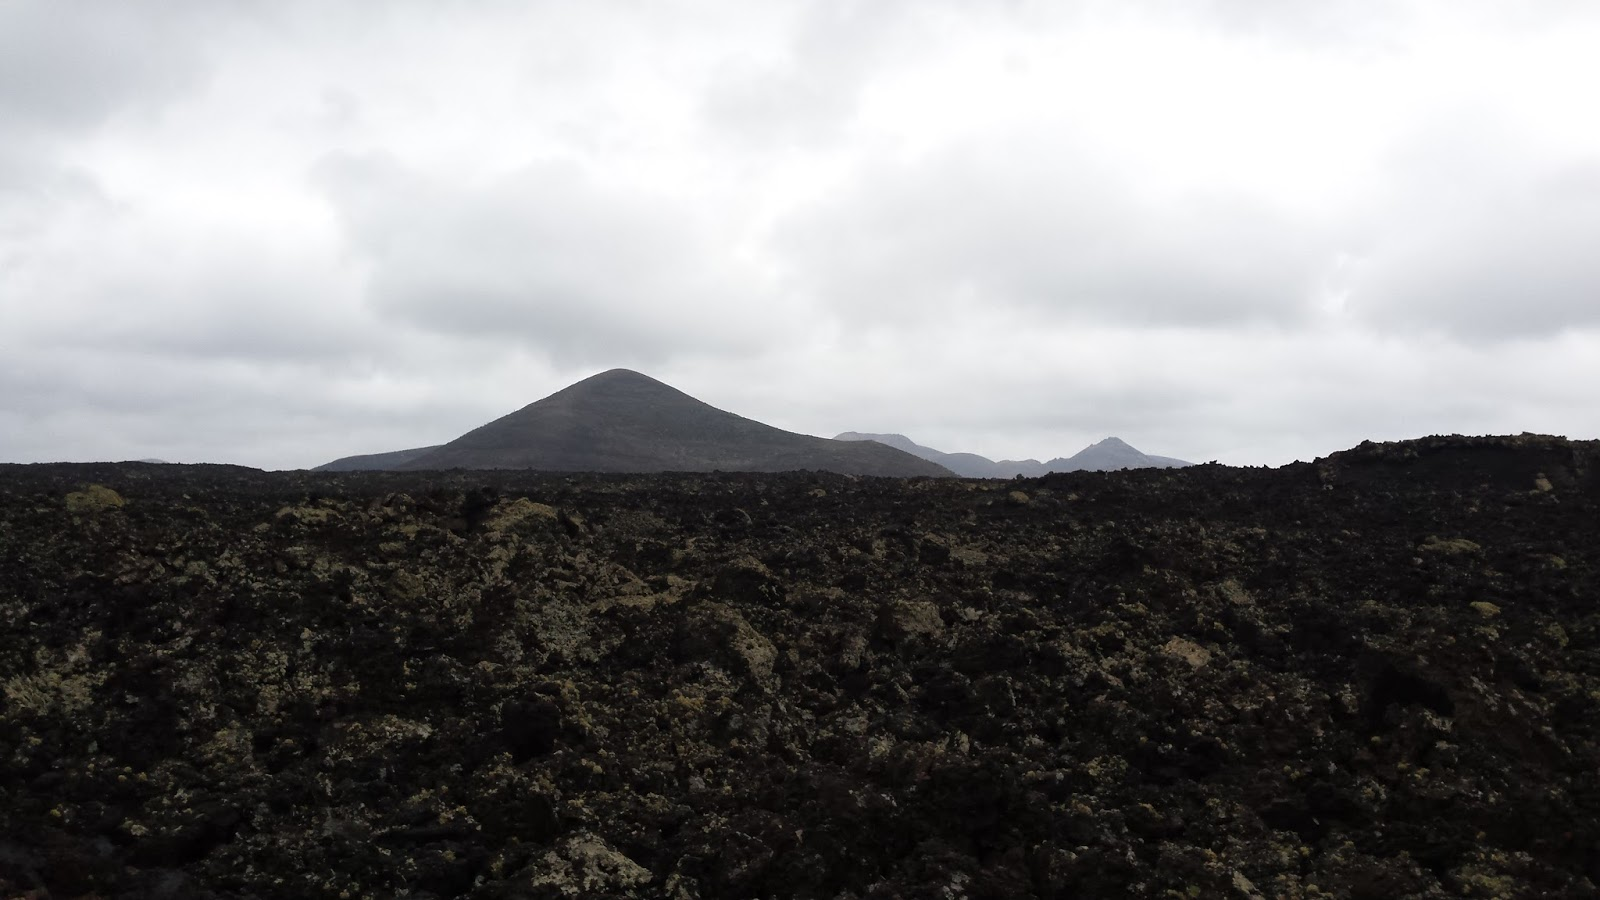 Lanzarote, Geria, wulkan, lawa bazaltowa, Wyspy Kanaryjskie, księżycowa wyspa, Kanary